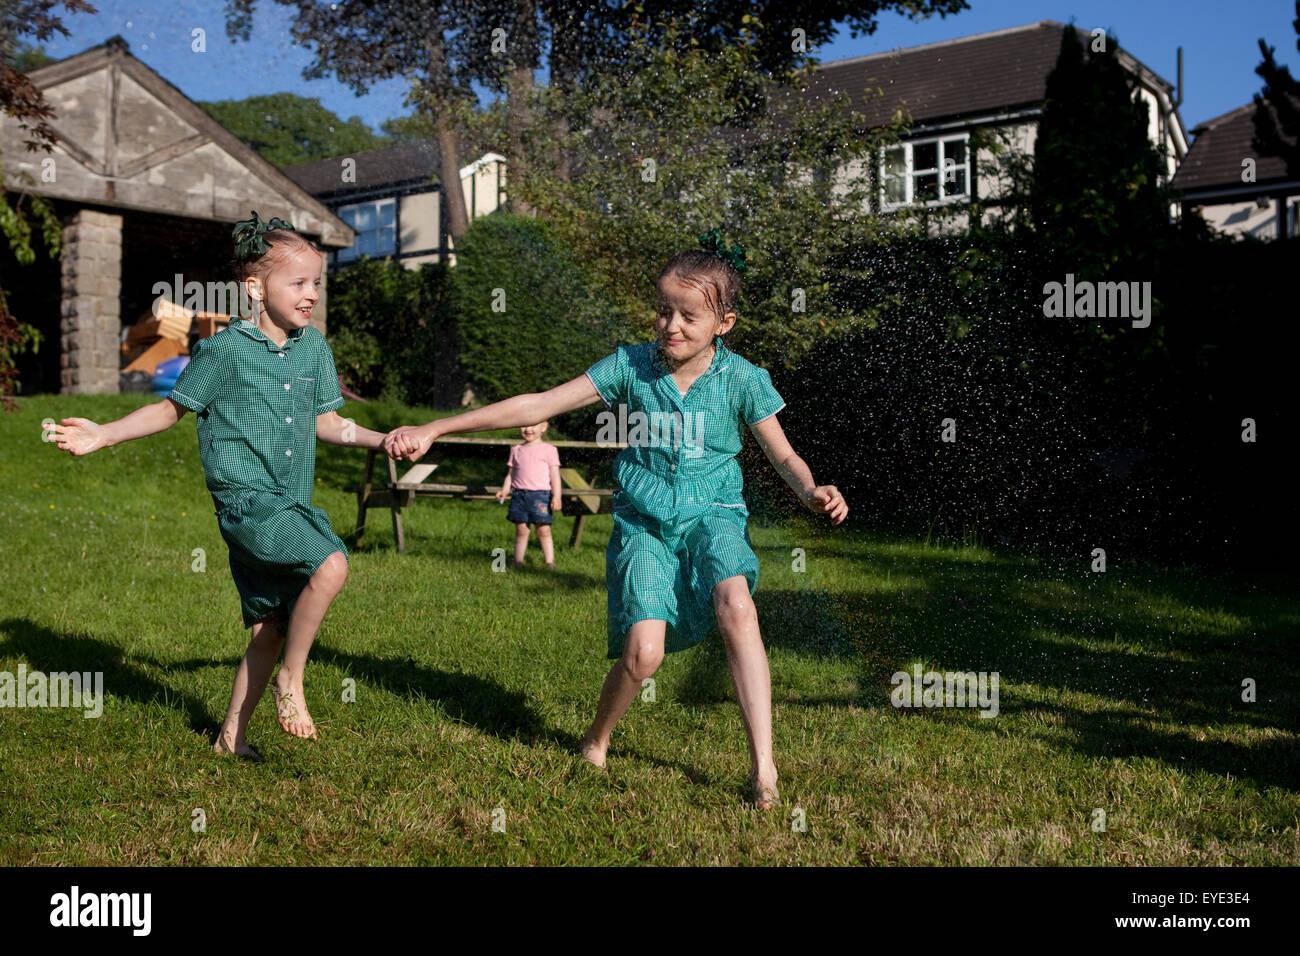 Dos niños en la escuela, vestidos que se ejecutan a través de un rociador de agua. Imagen De Stock